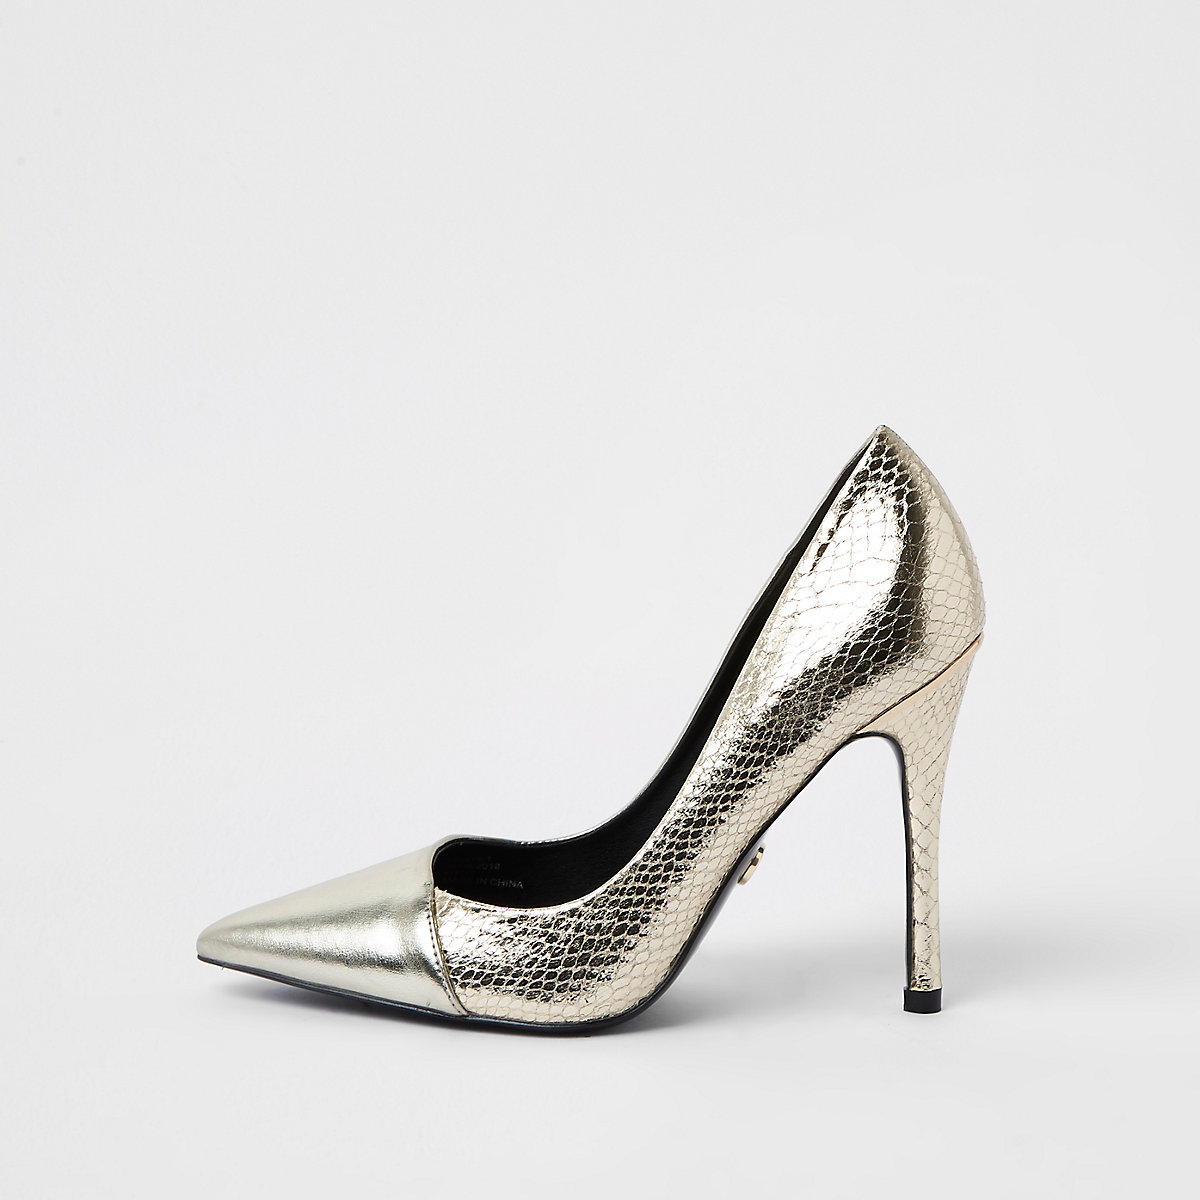 Gold metallic wrap around court shoes